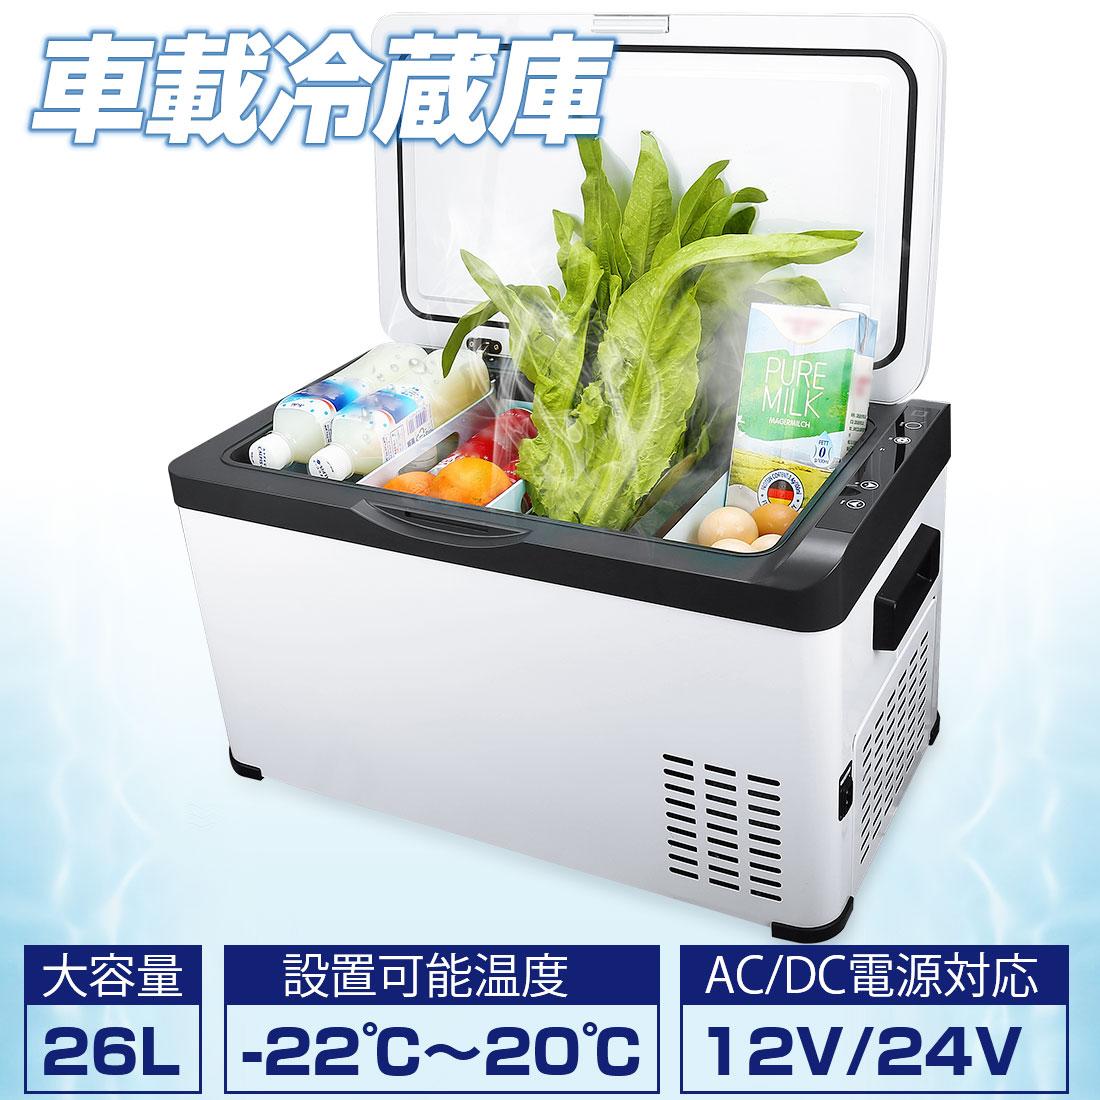 SUPAREE 車載冷蔵庫 26Lモデル